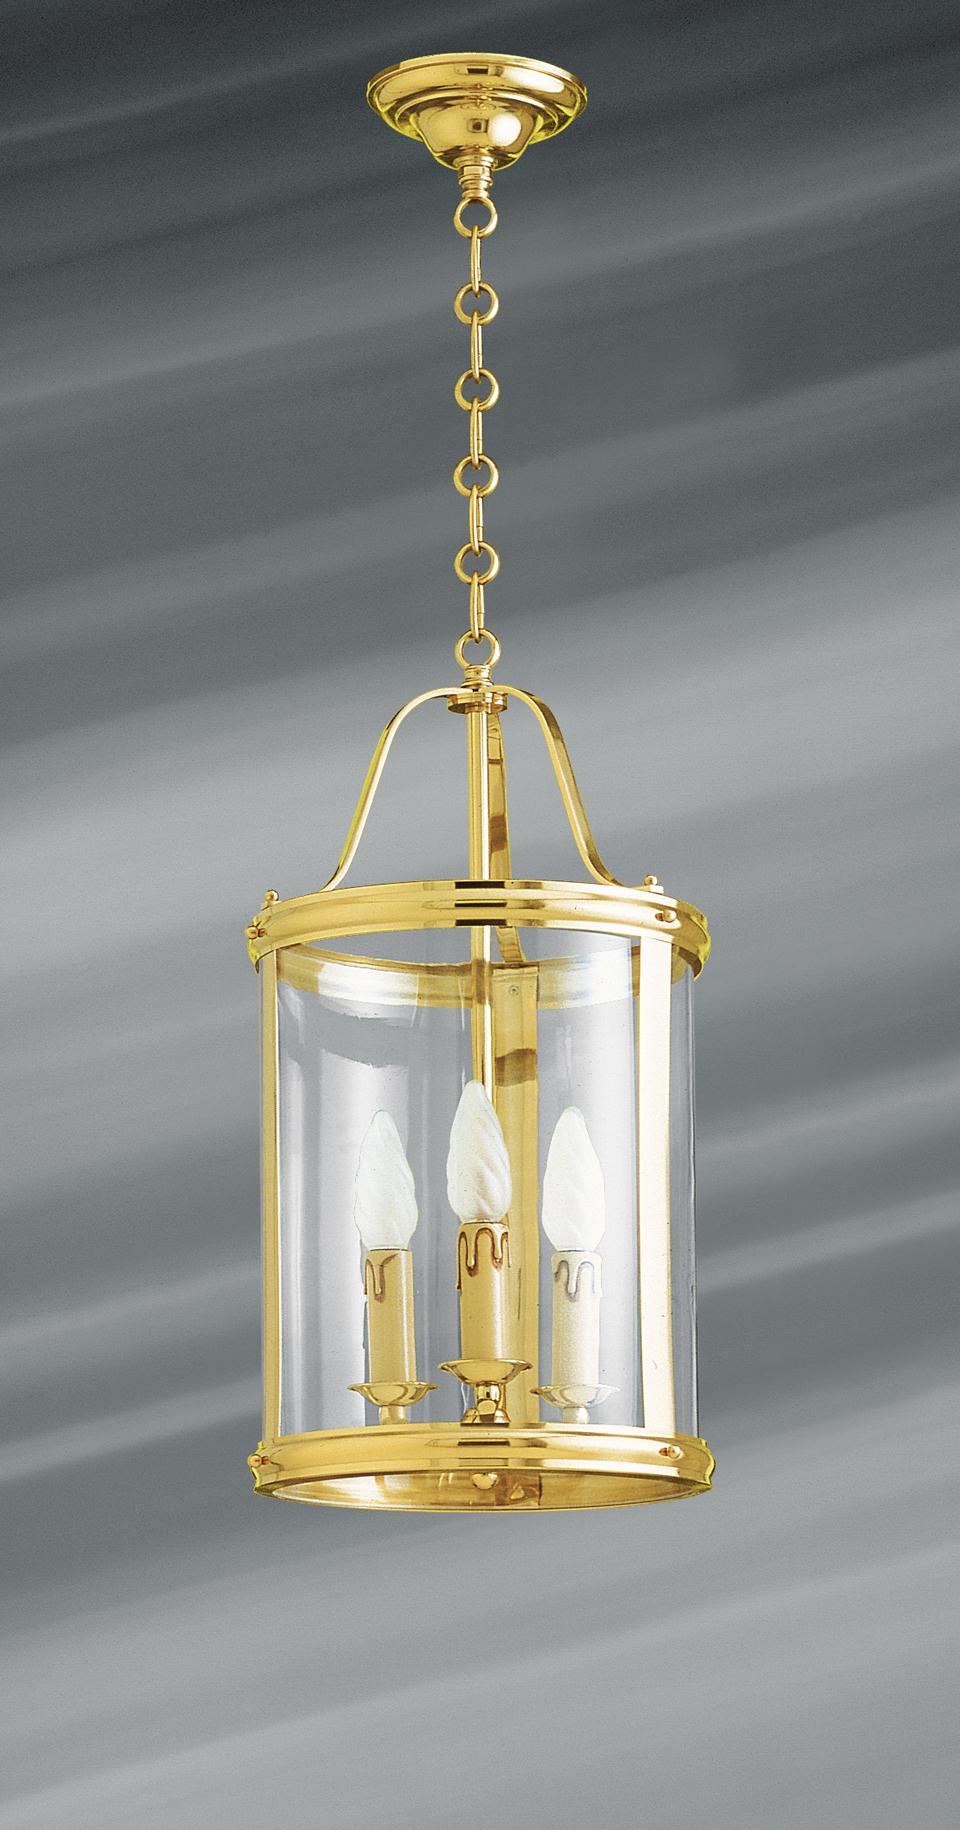 petite lanterne de style classique en bronze massif trois. Black Bedroom Furniture Sets. Home Design Ideas